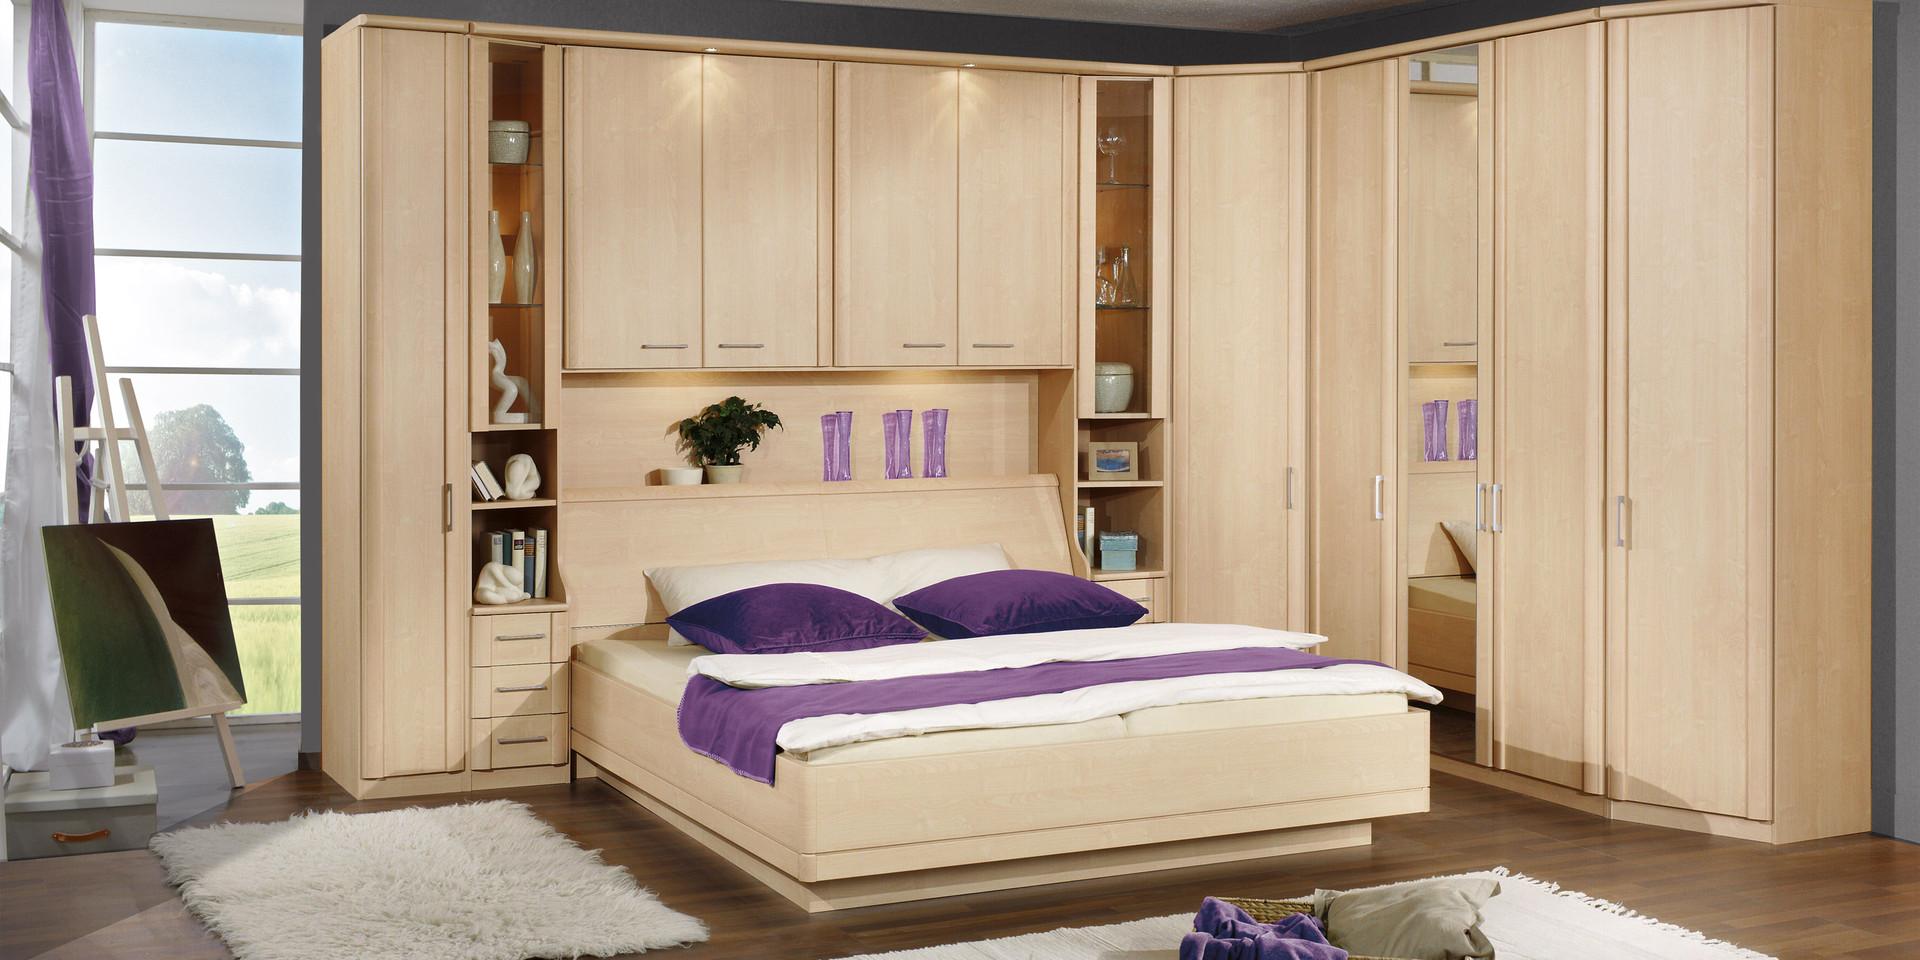 Schlafzimmer Programm Luxor ~ Bild der Wahl über Inspiration von ...